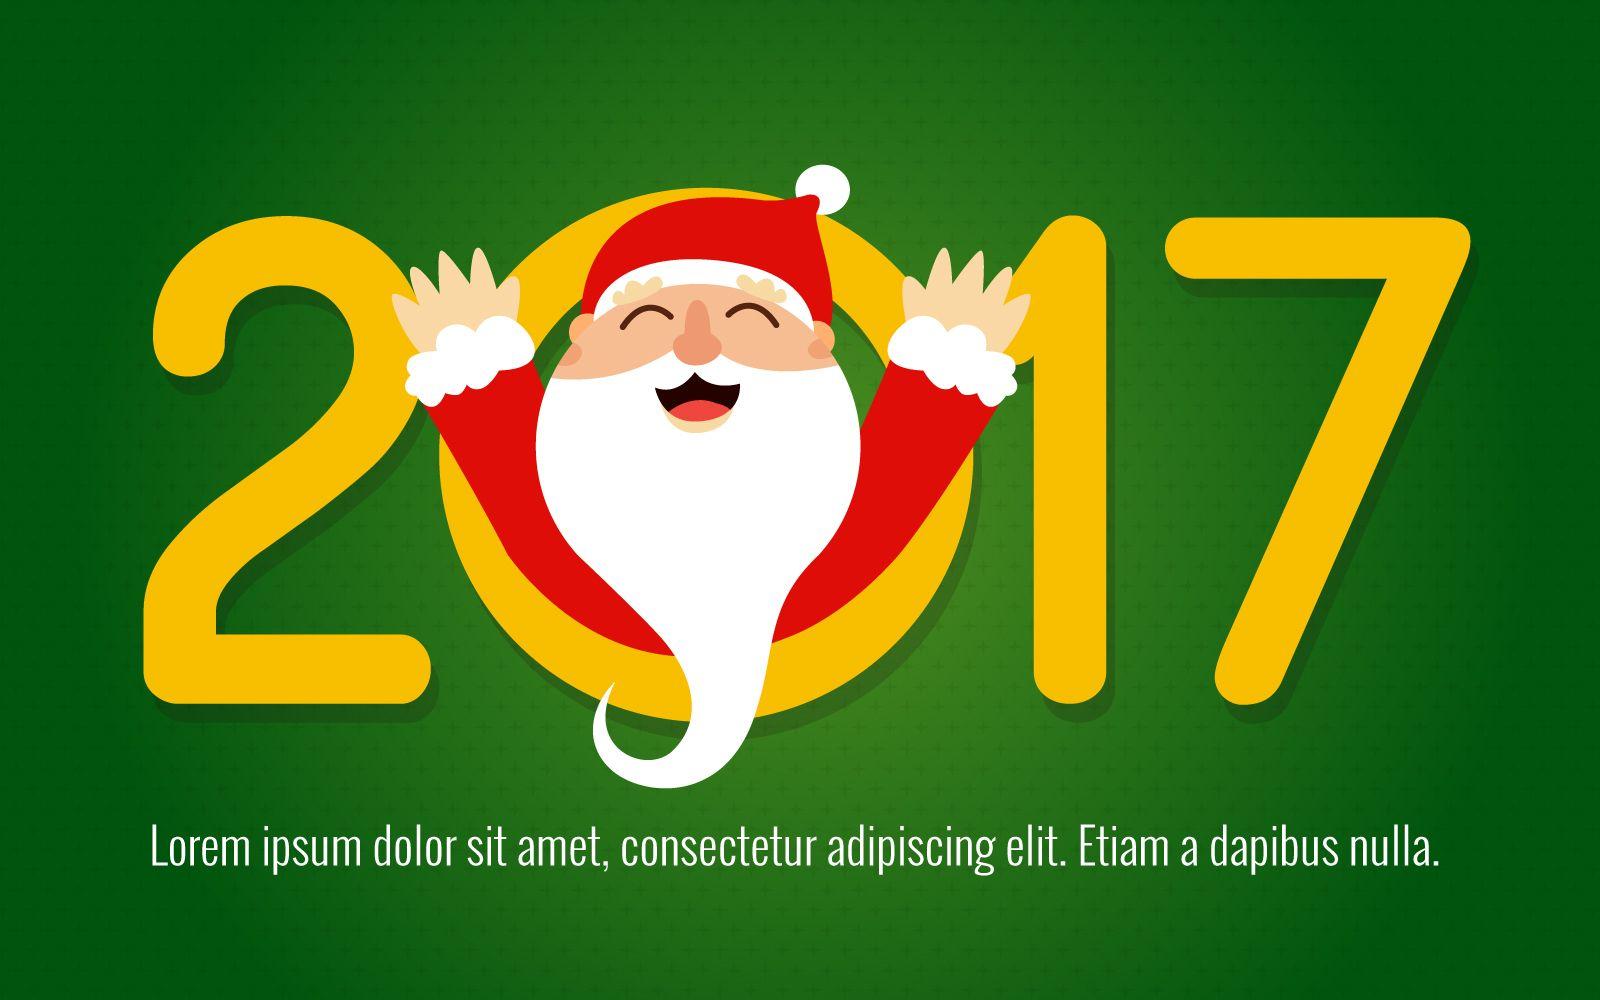 2017 glücklicher Weihnachtsmannkartenhersteller